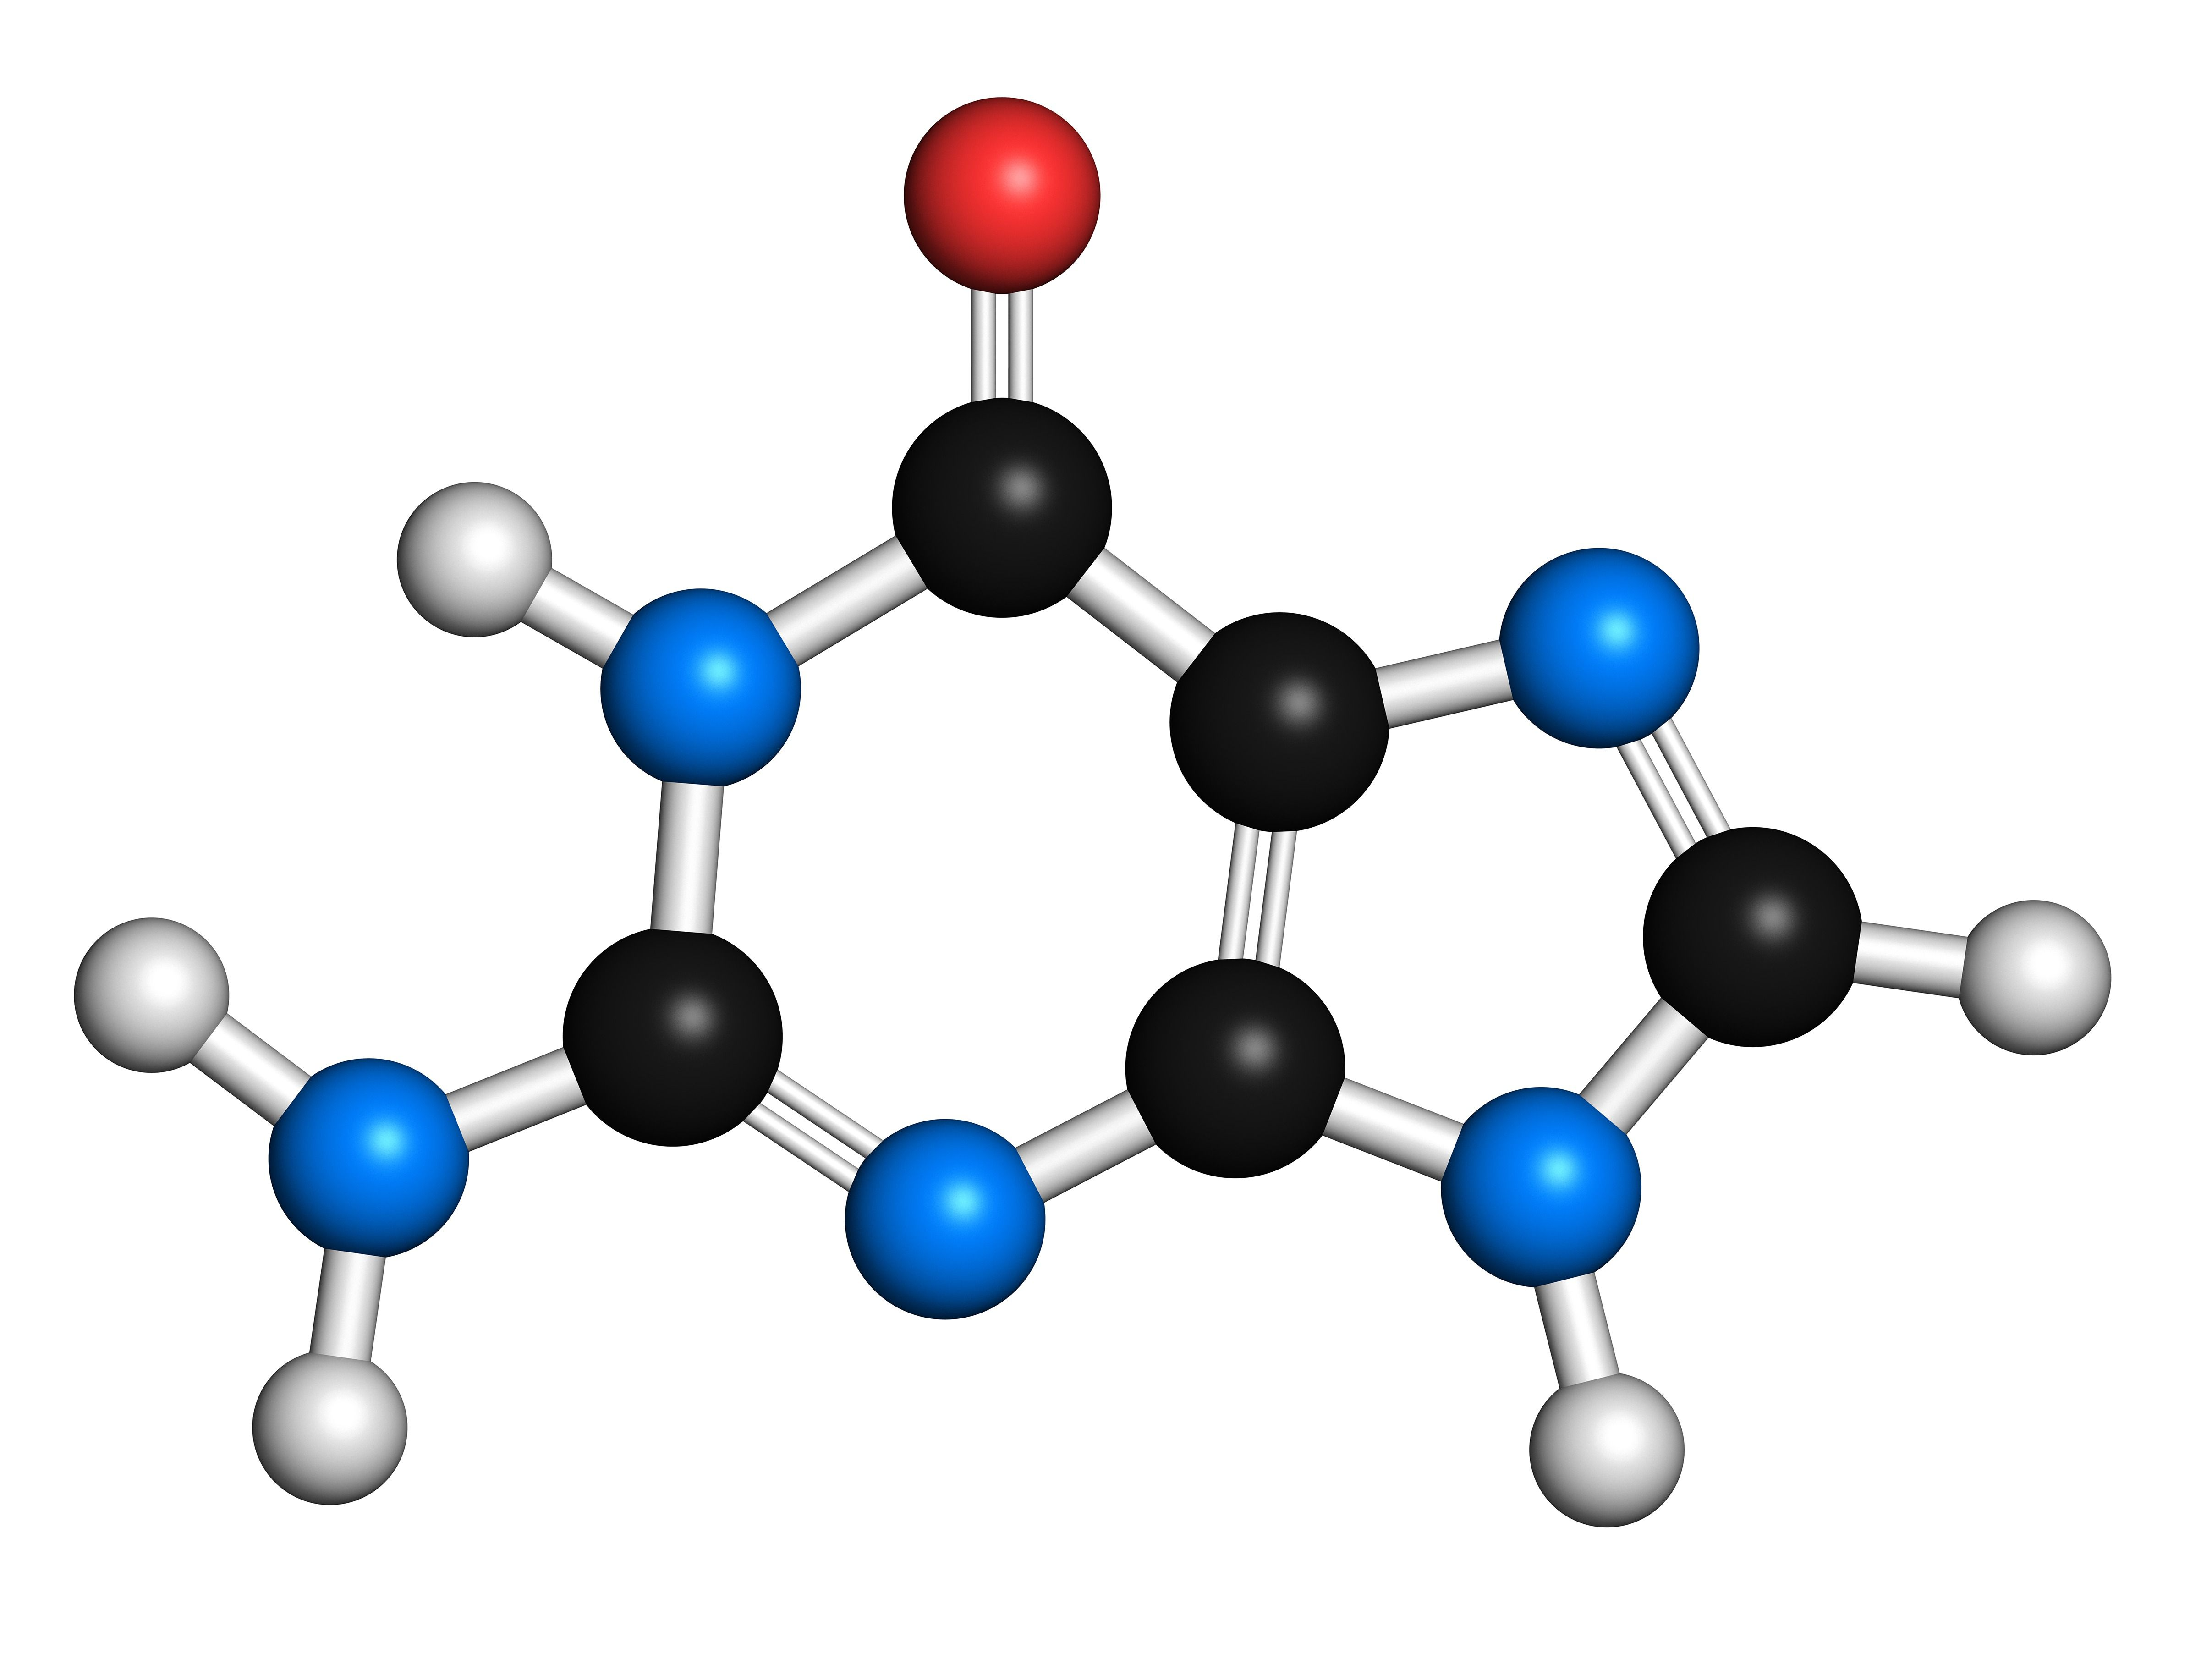 Guanine purine nitrogen base molecule